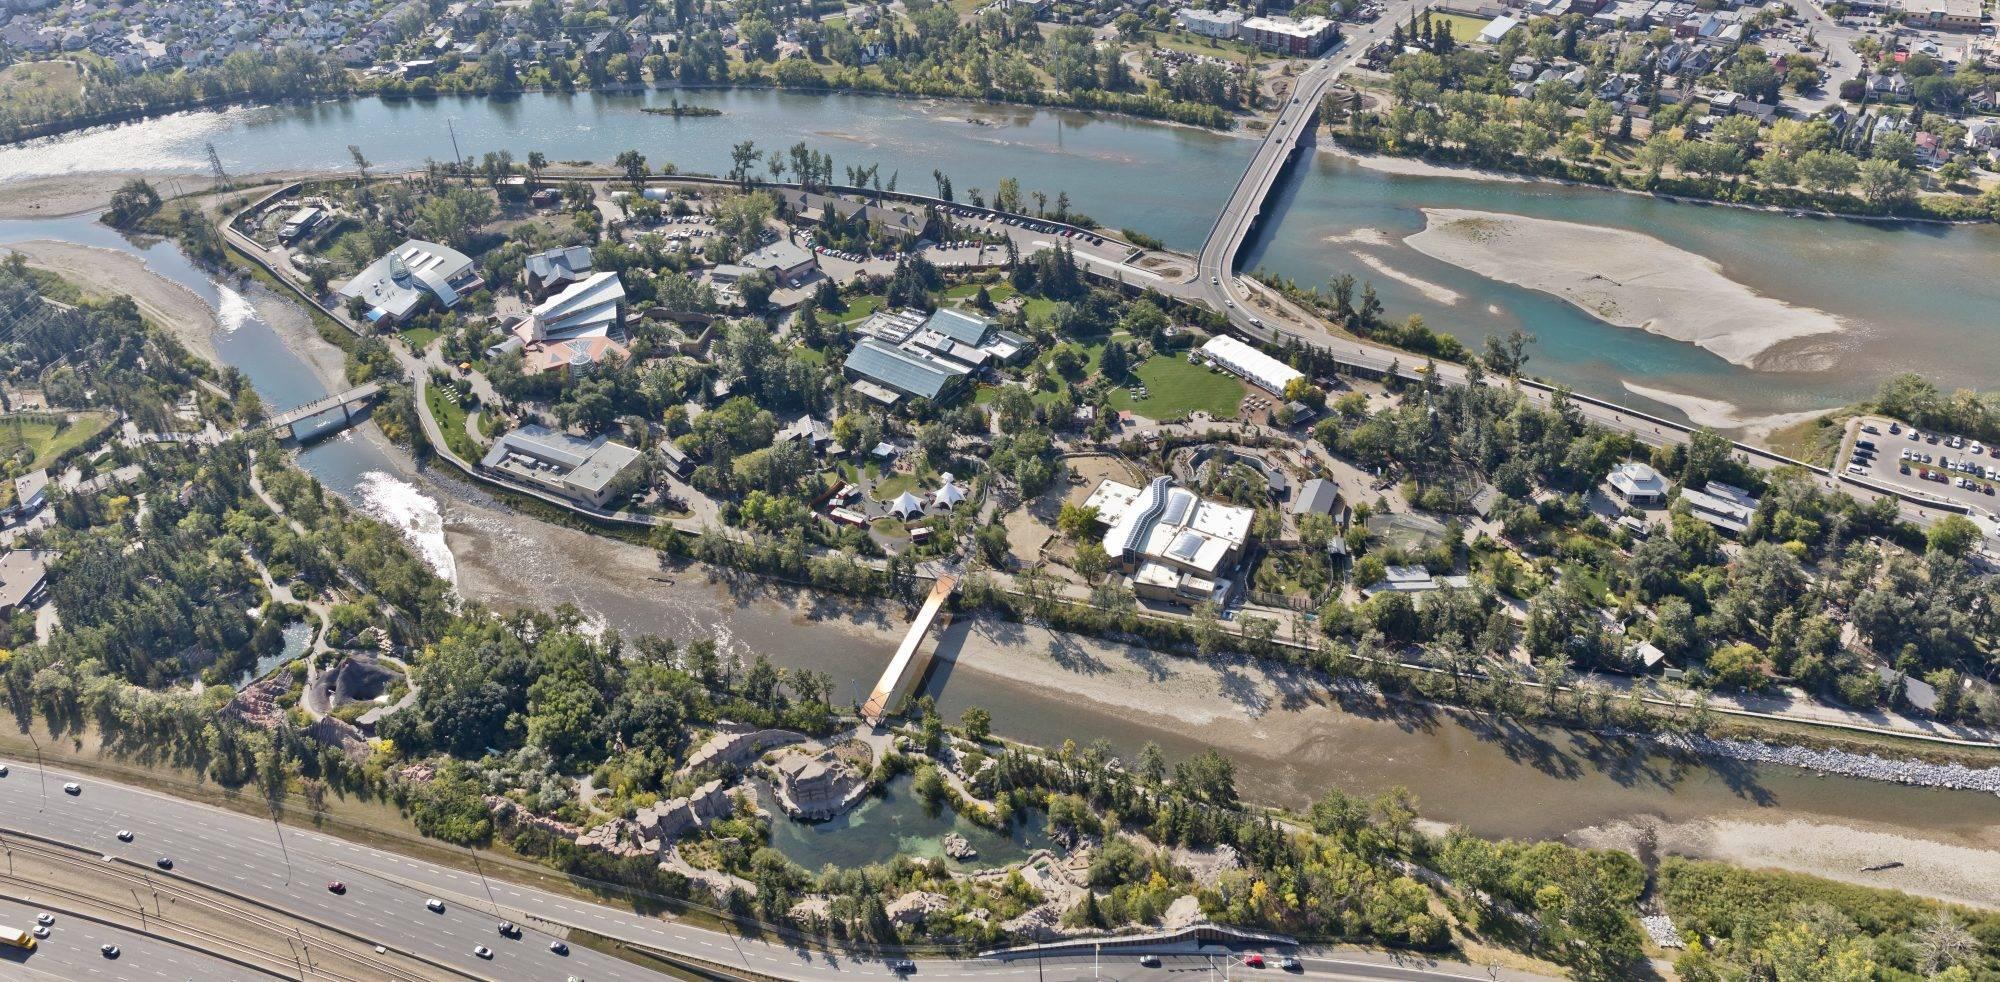 Le zoo de Calgary